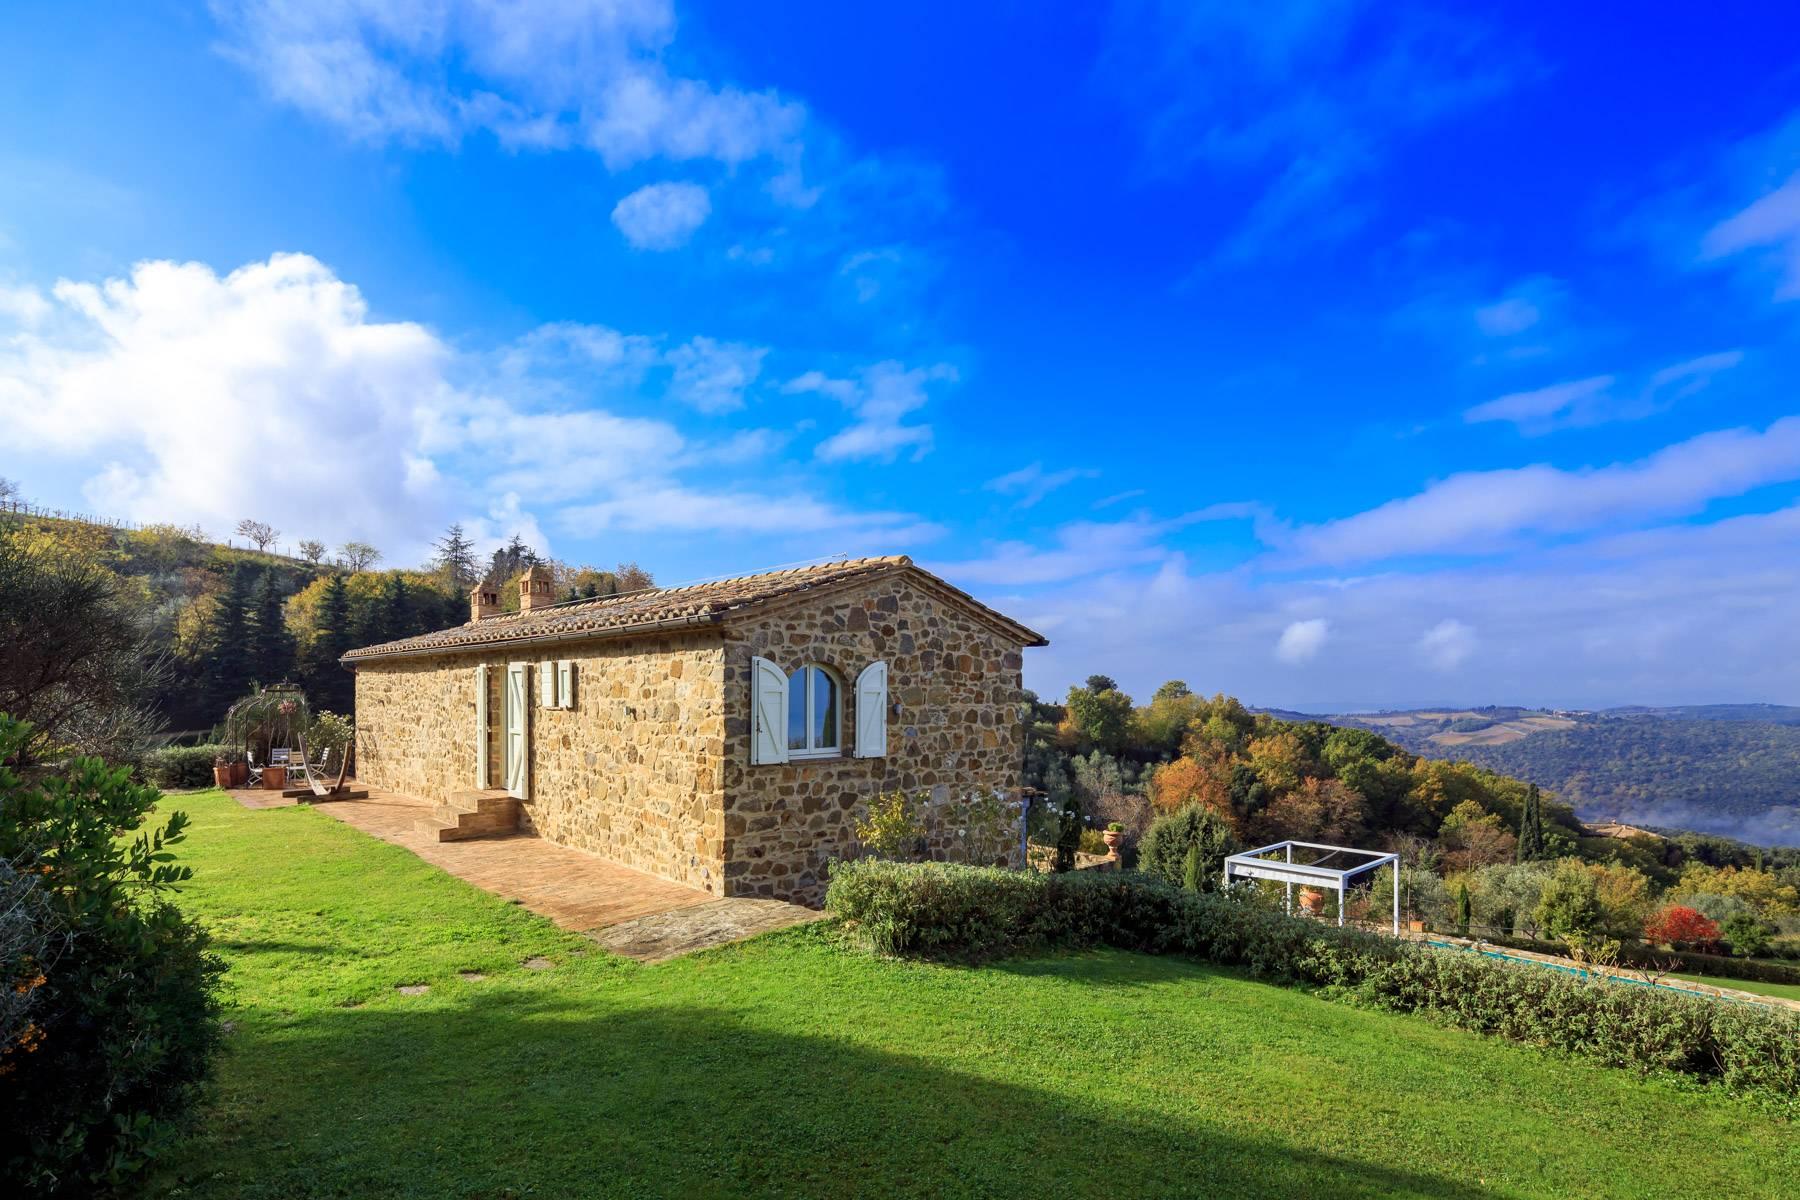 Rustico in Vendita a Montalcino: 5 locali, 300 mq - Foto 30